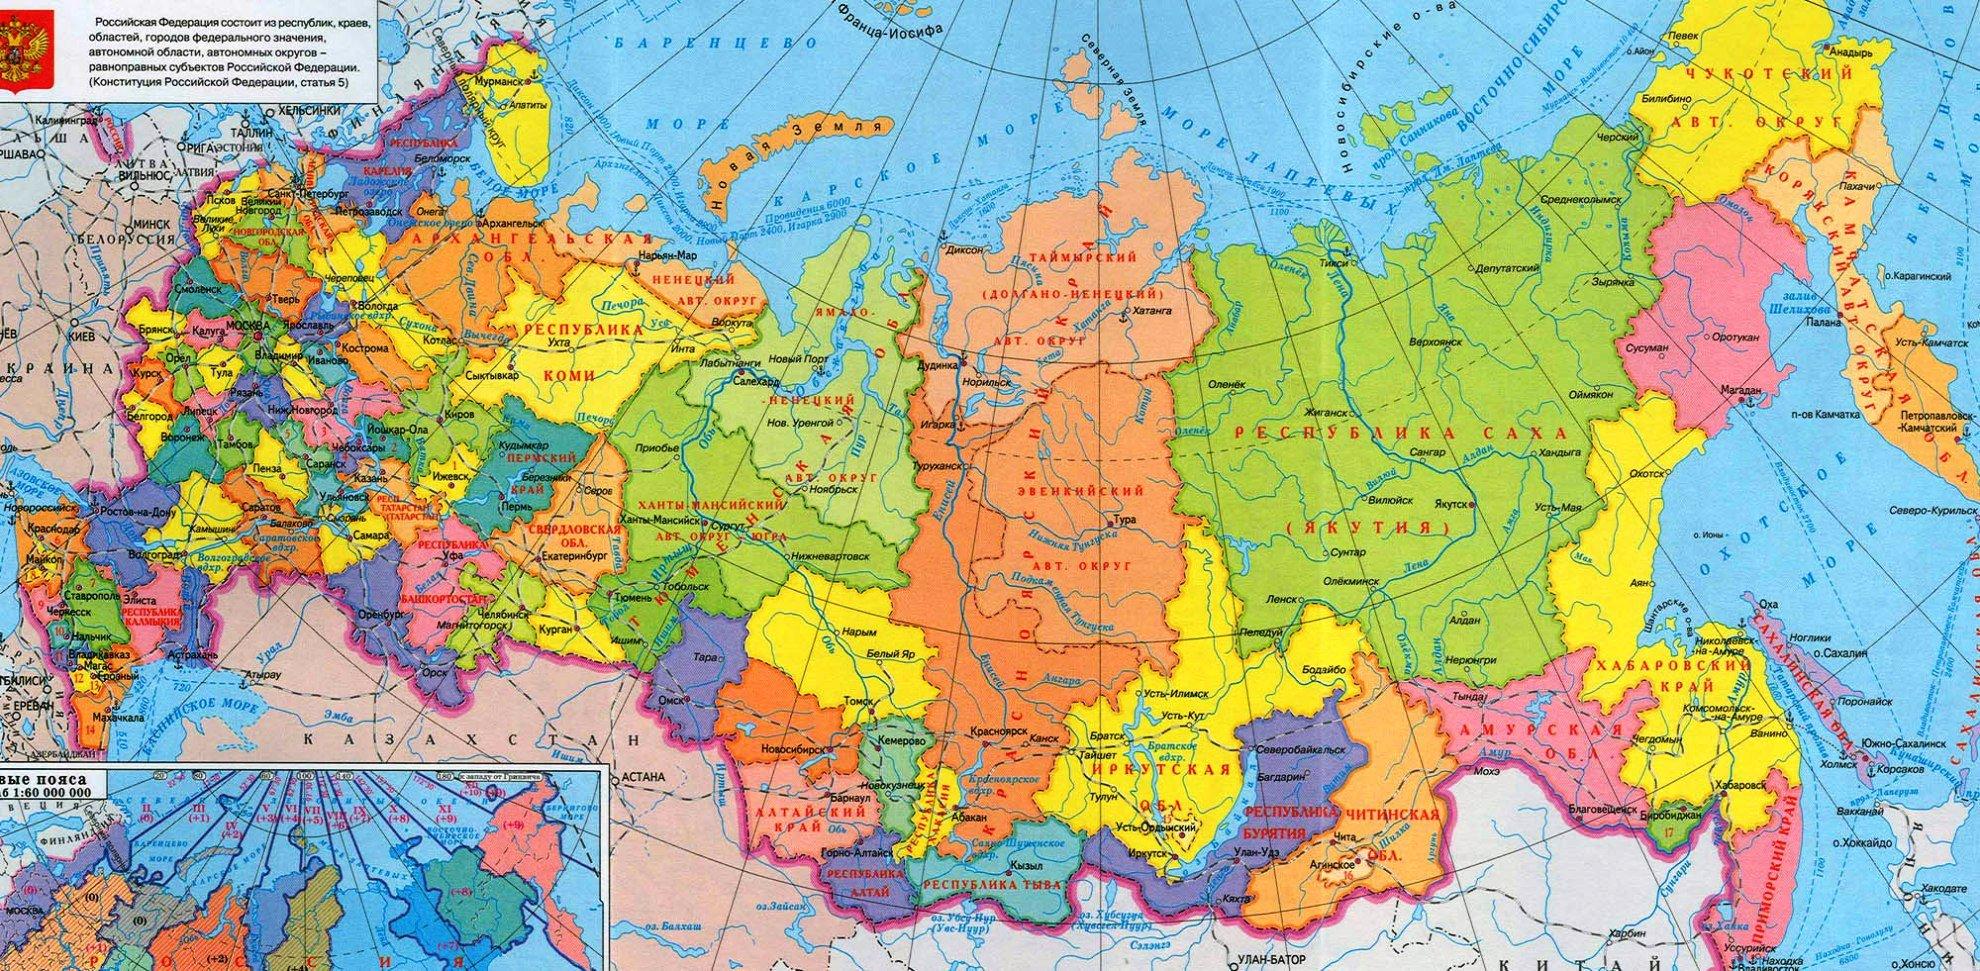 России экологическая карта россии